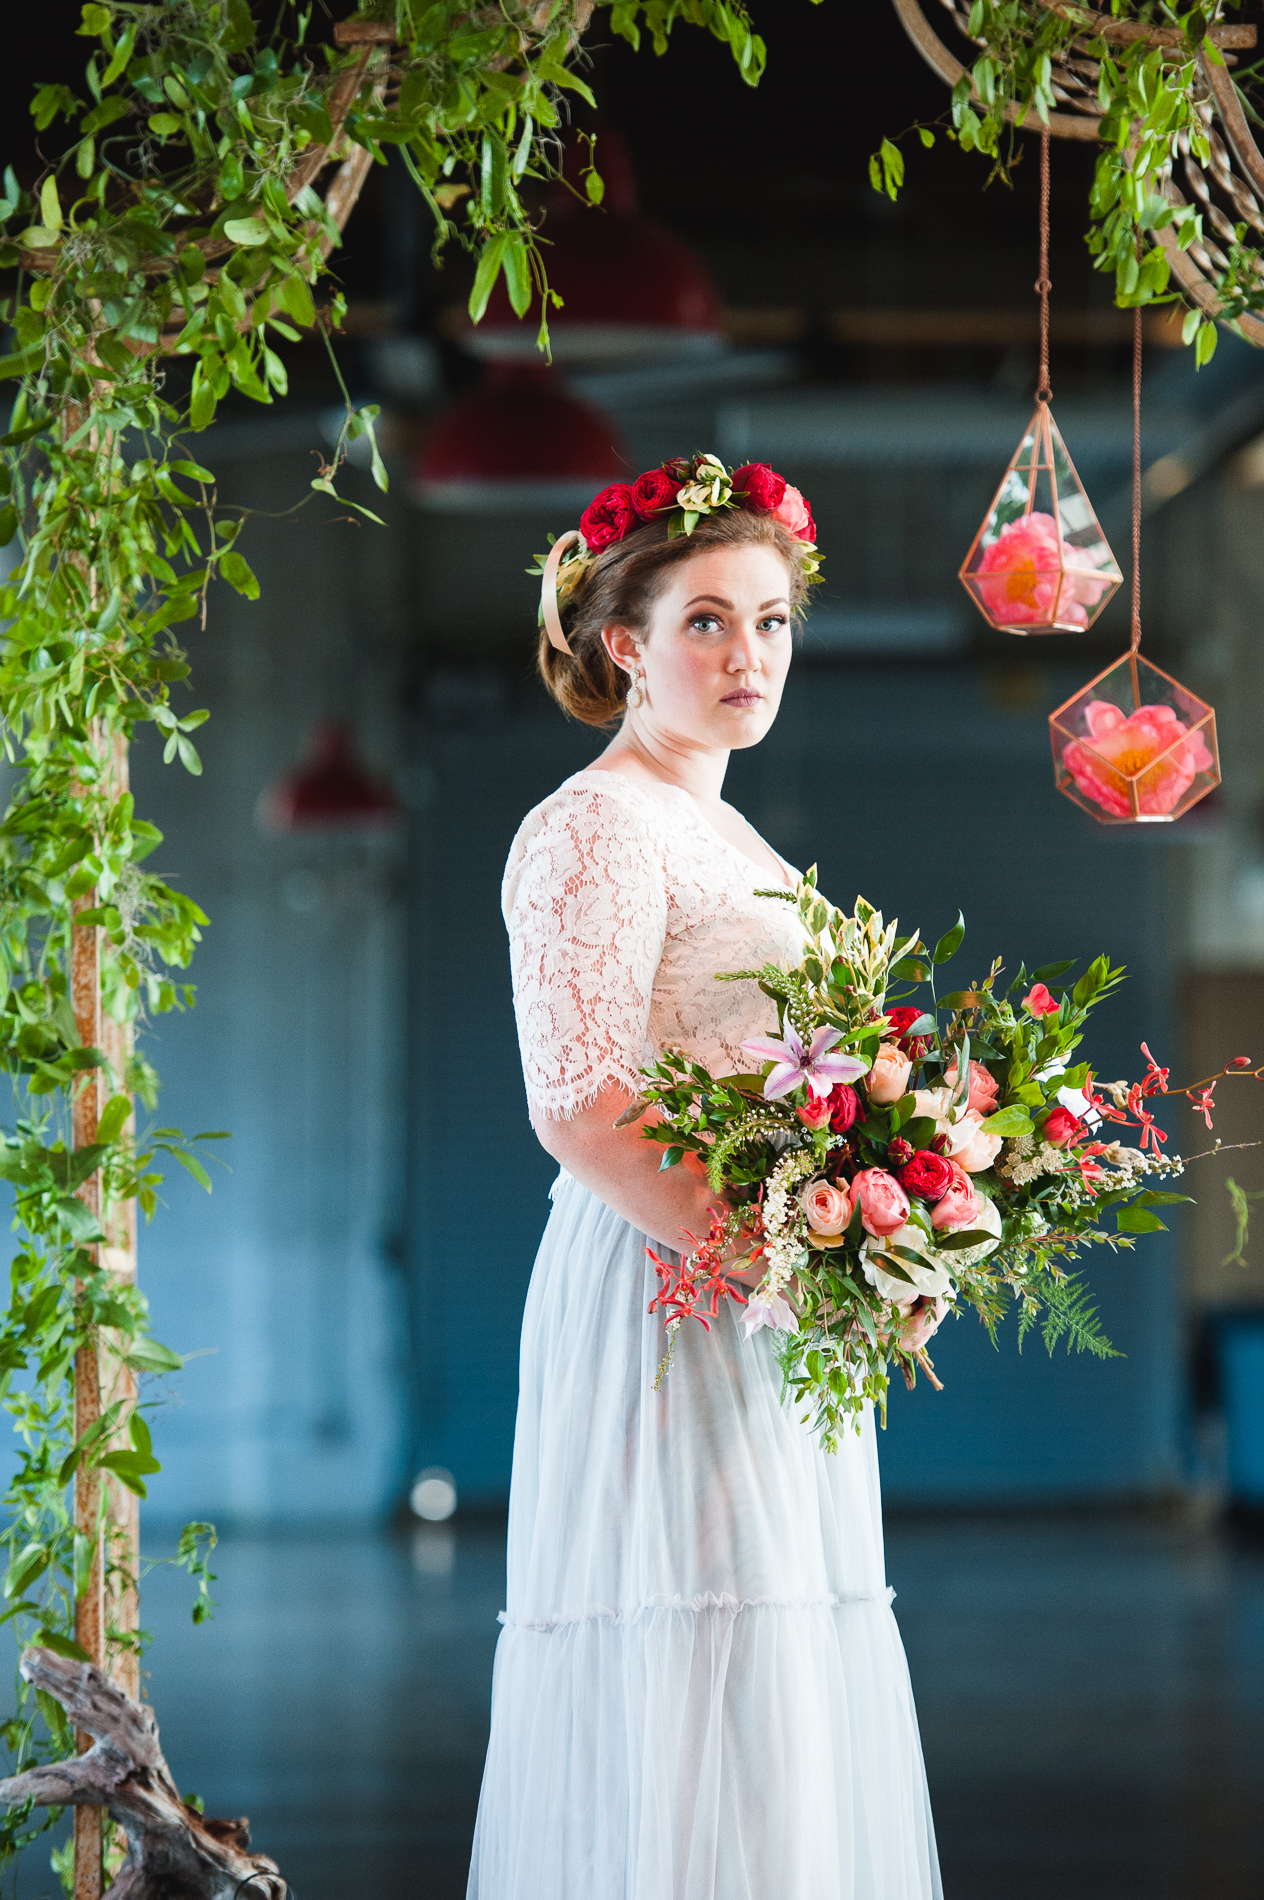 ck-Industrial-Rustic-Wedding-0270.jpg